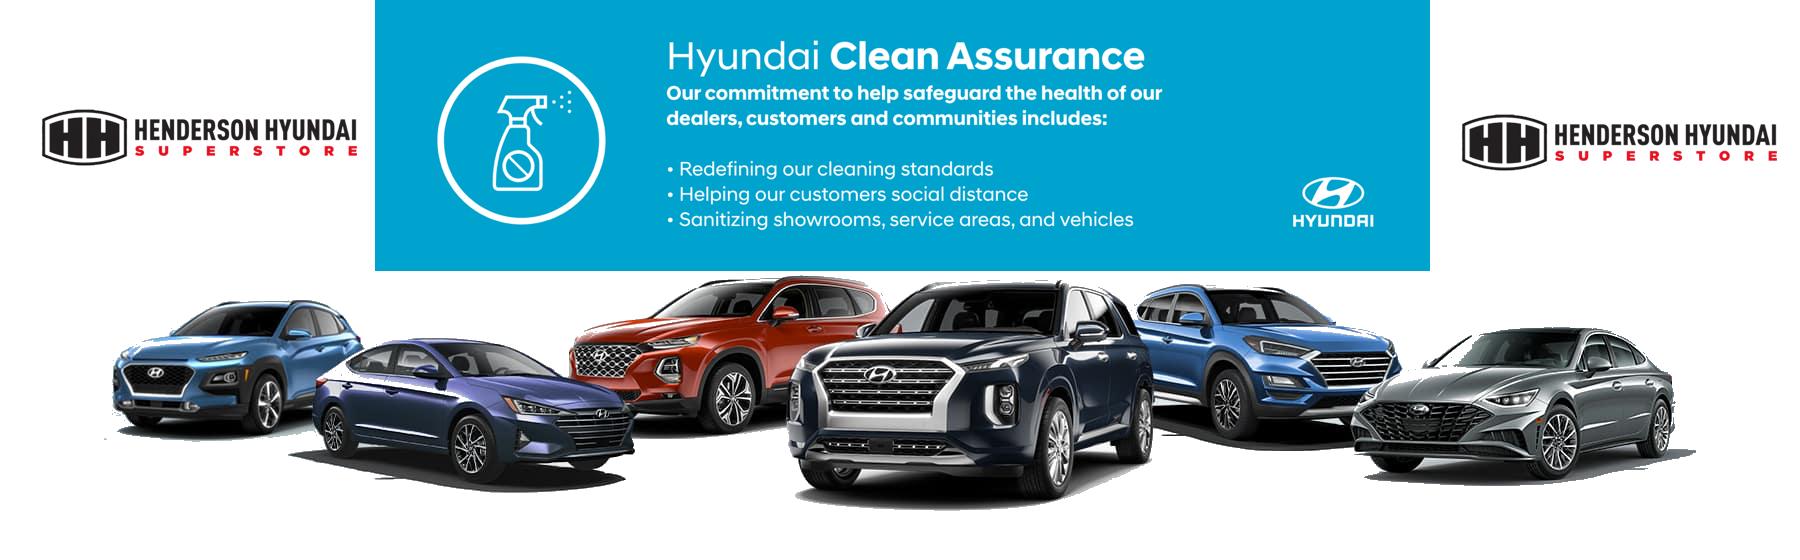 Clean Assurance_Henderson Hyundai